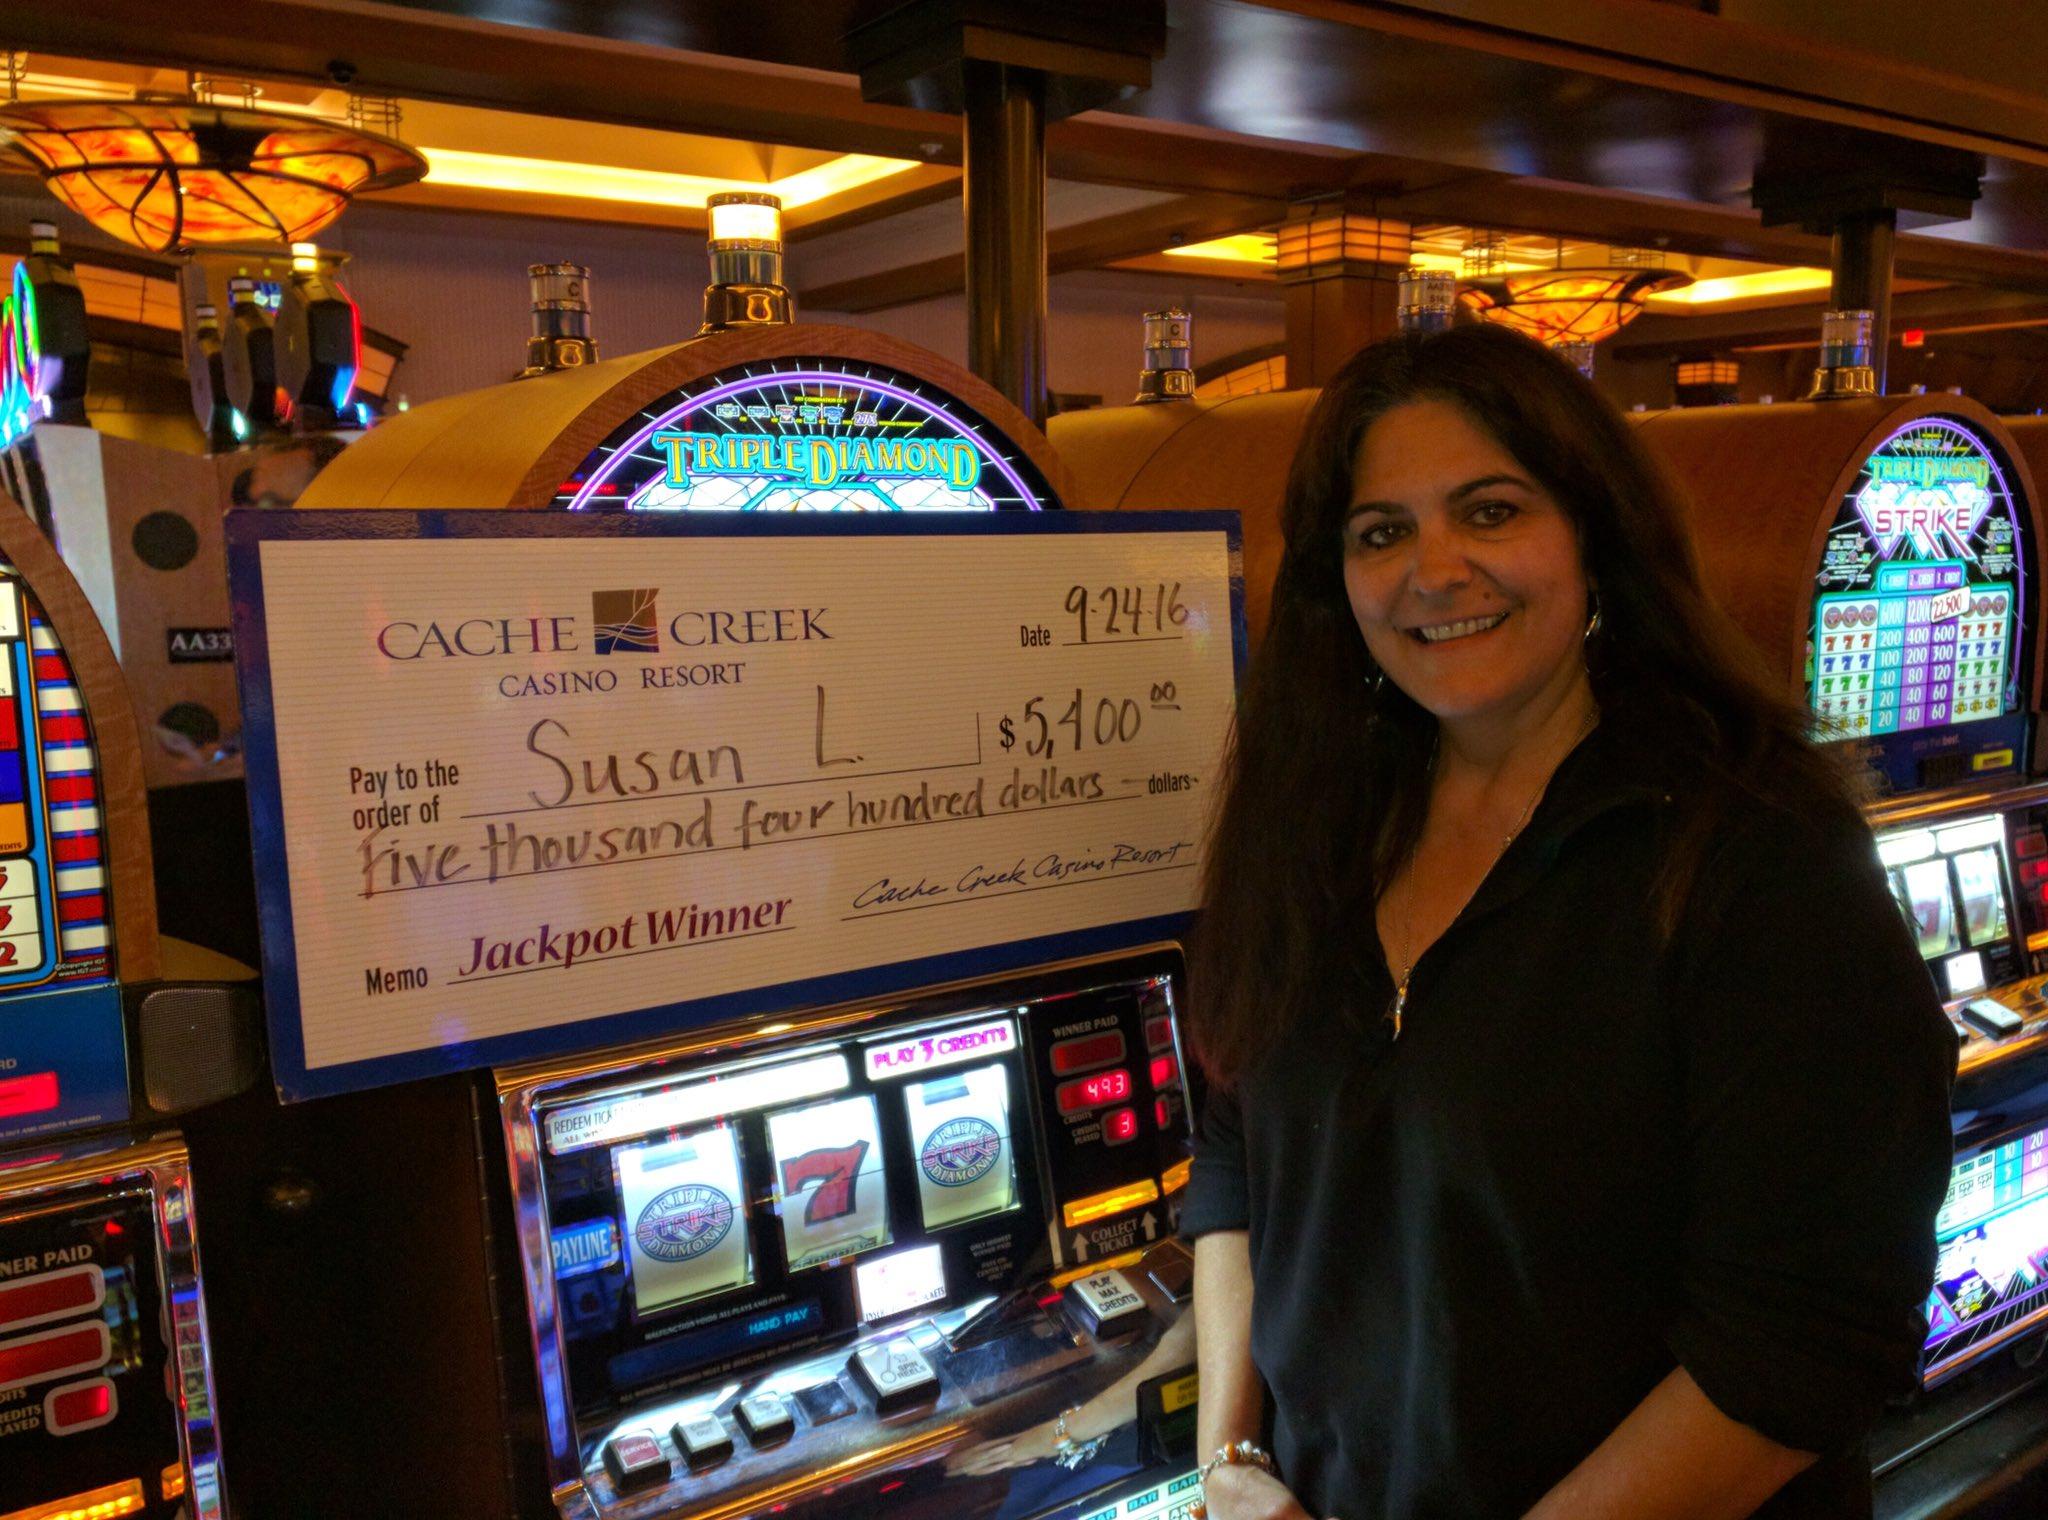 Cache creek casino winners